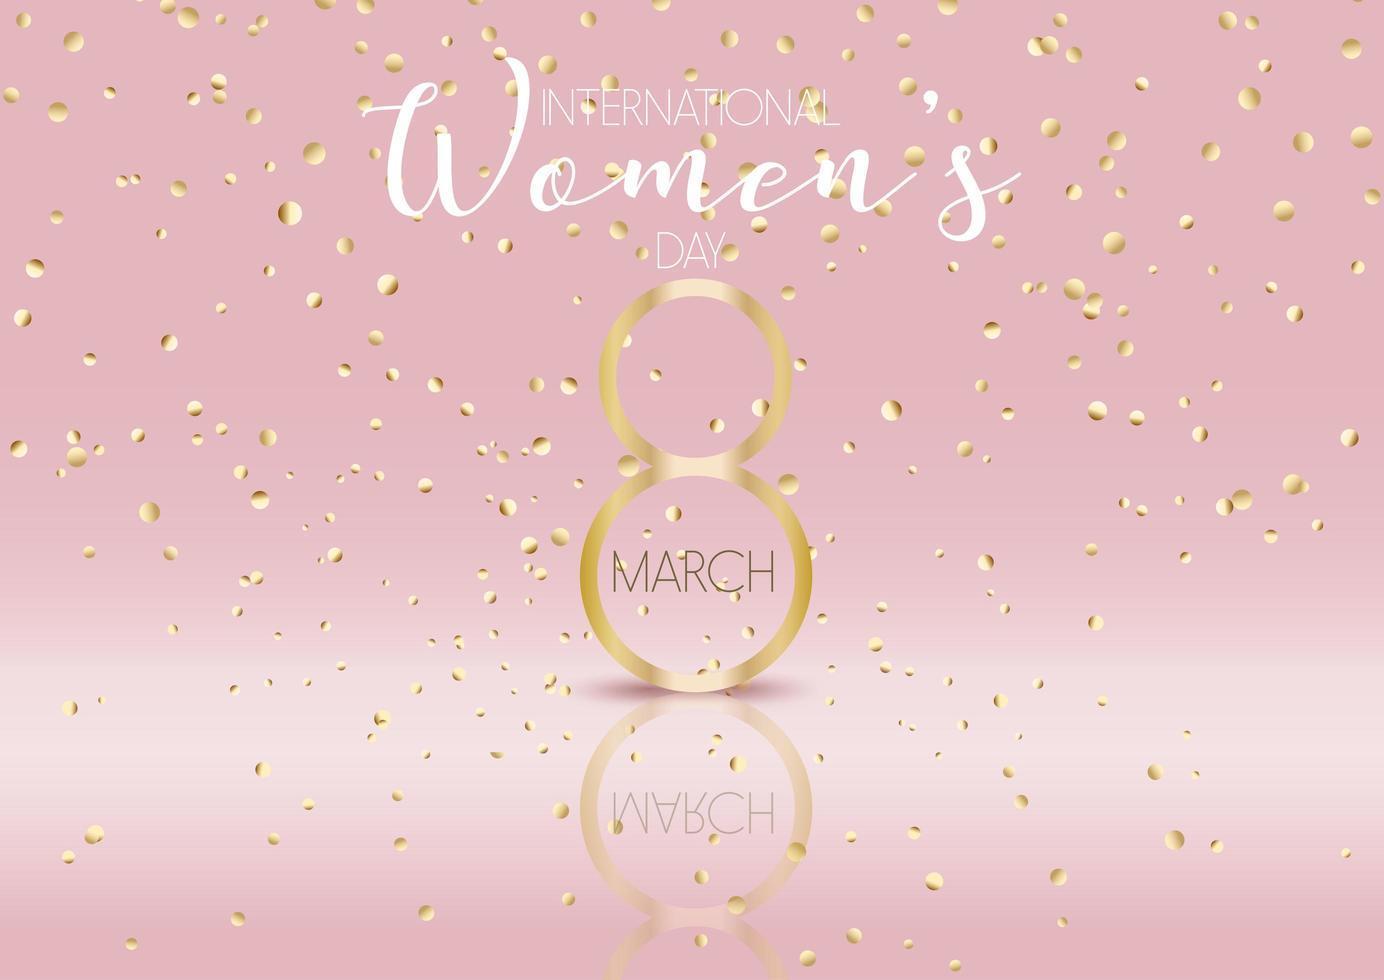 Fondo del día internacional de la mujer con confeti dorado vector